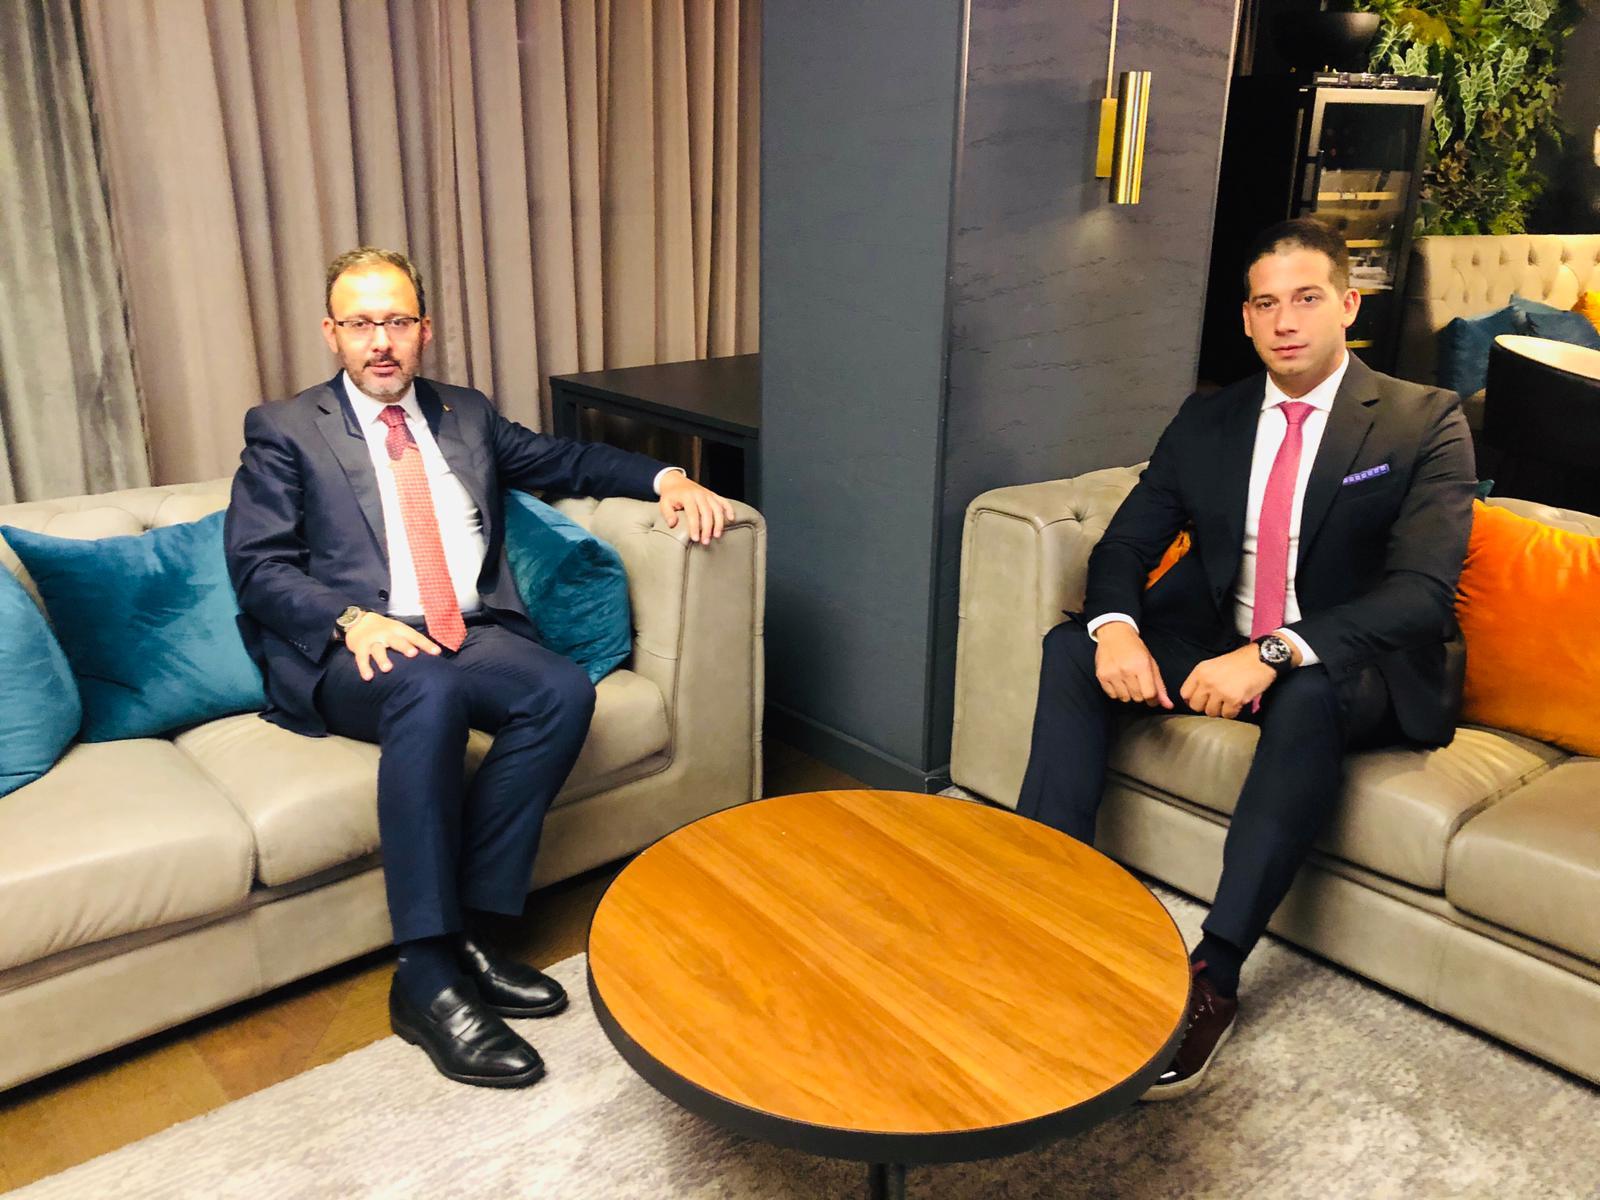 Ministar omladine i sporta Vanja Udovičić sastao se sa ministrom omladine i sporta Republike Turske Mehmetom Muharemom Kasapogluom